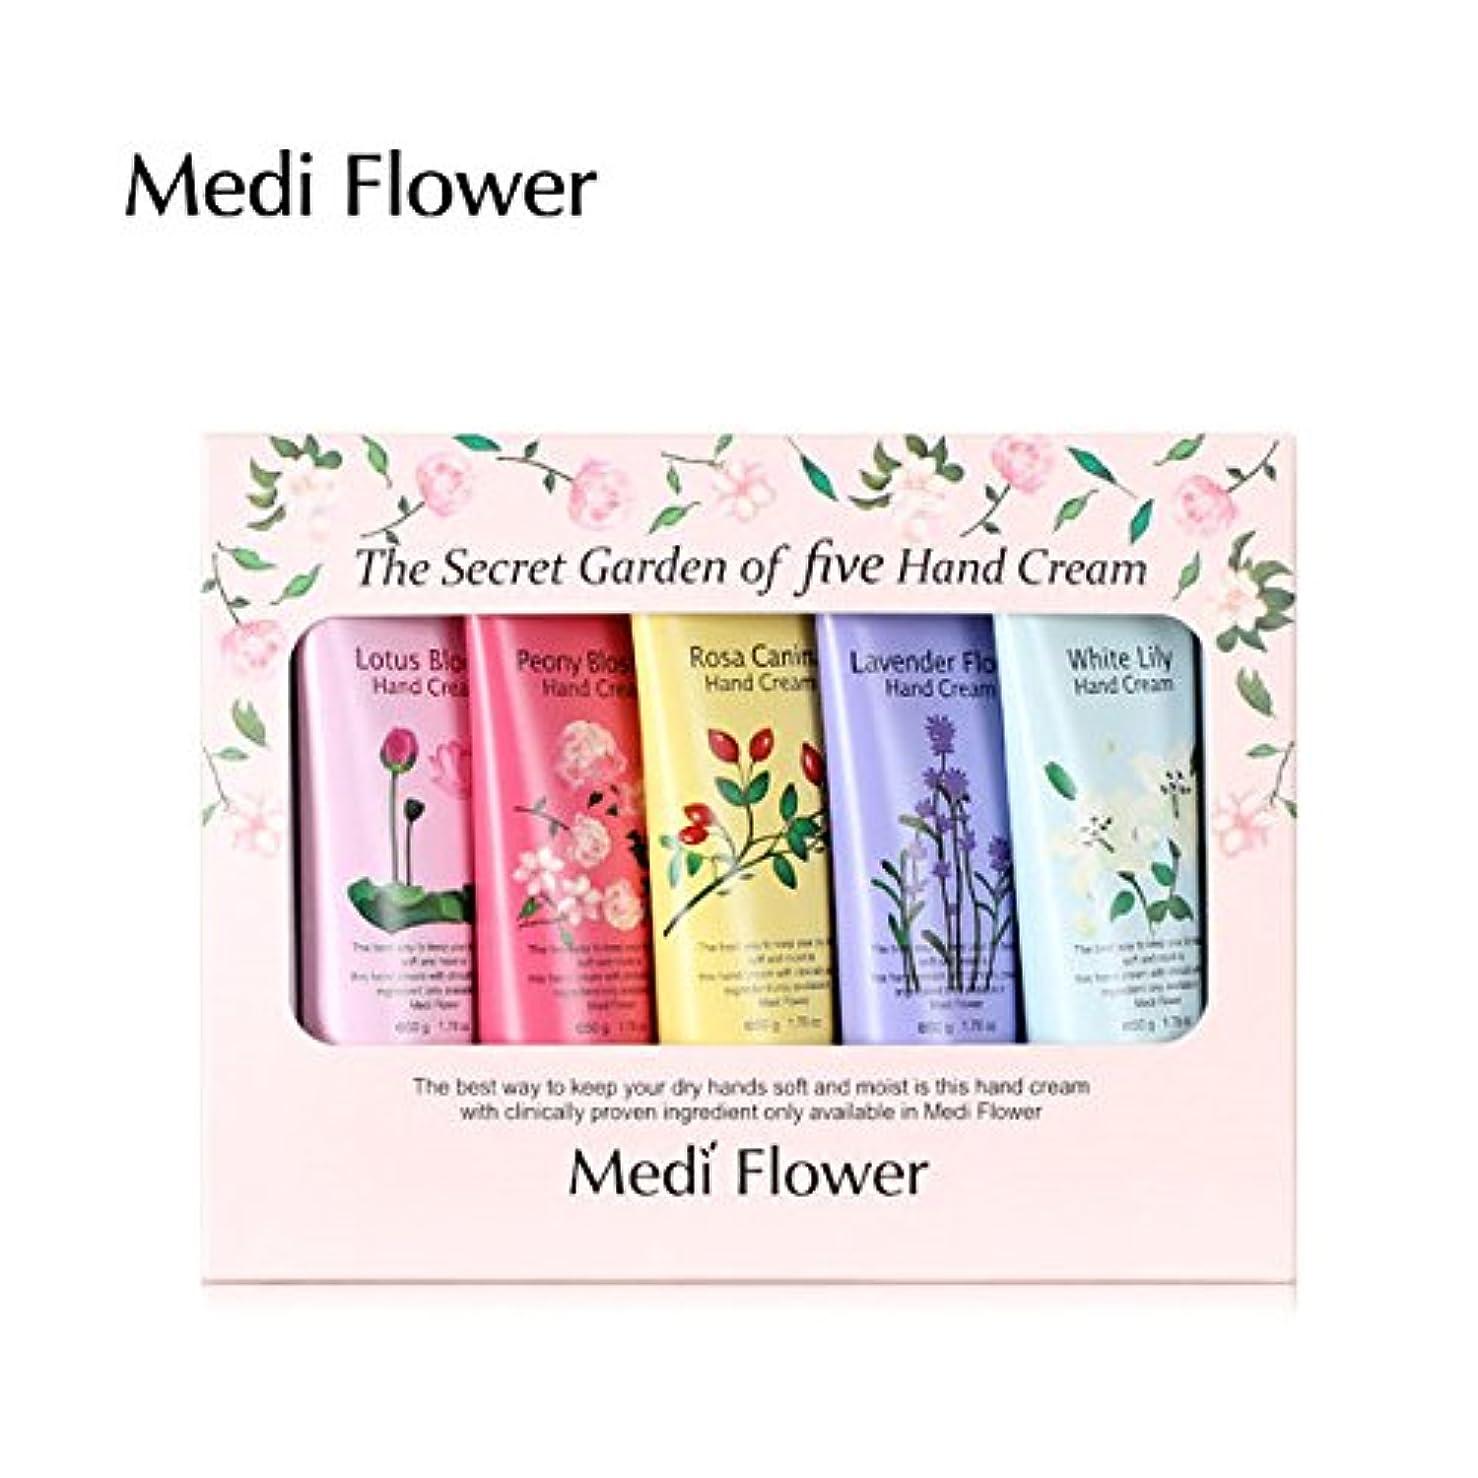 オーラル慣れている郵便番号[MediFlower] ザ?シークレットガーデン?ハンドクリームセット(50g x 5個) / The Secret Garden of Five Hand Cream Set